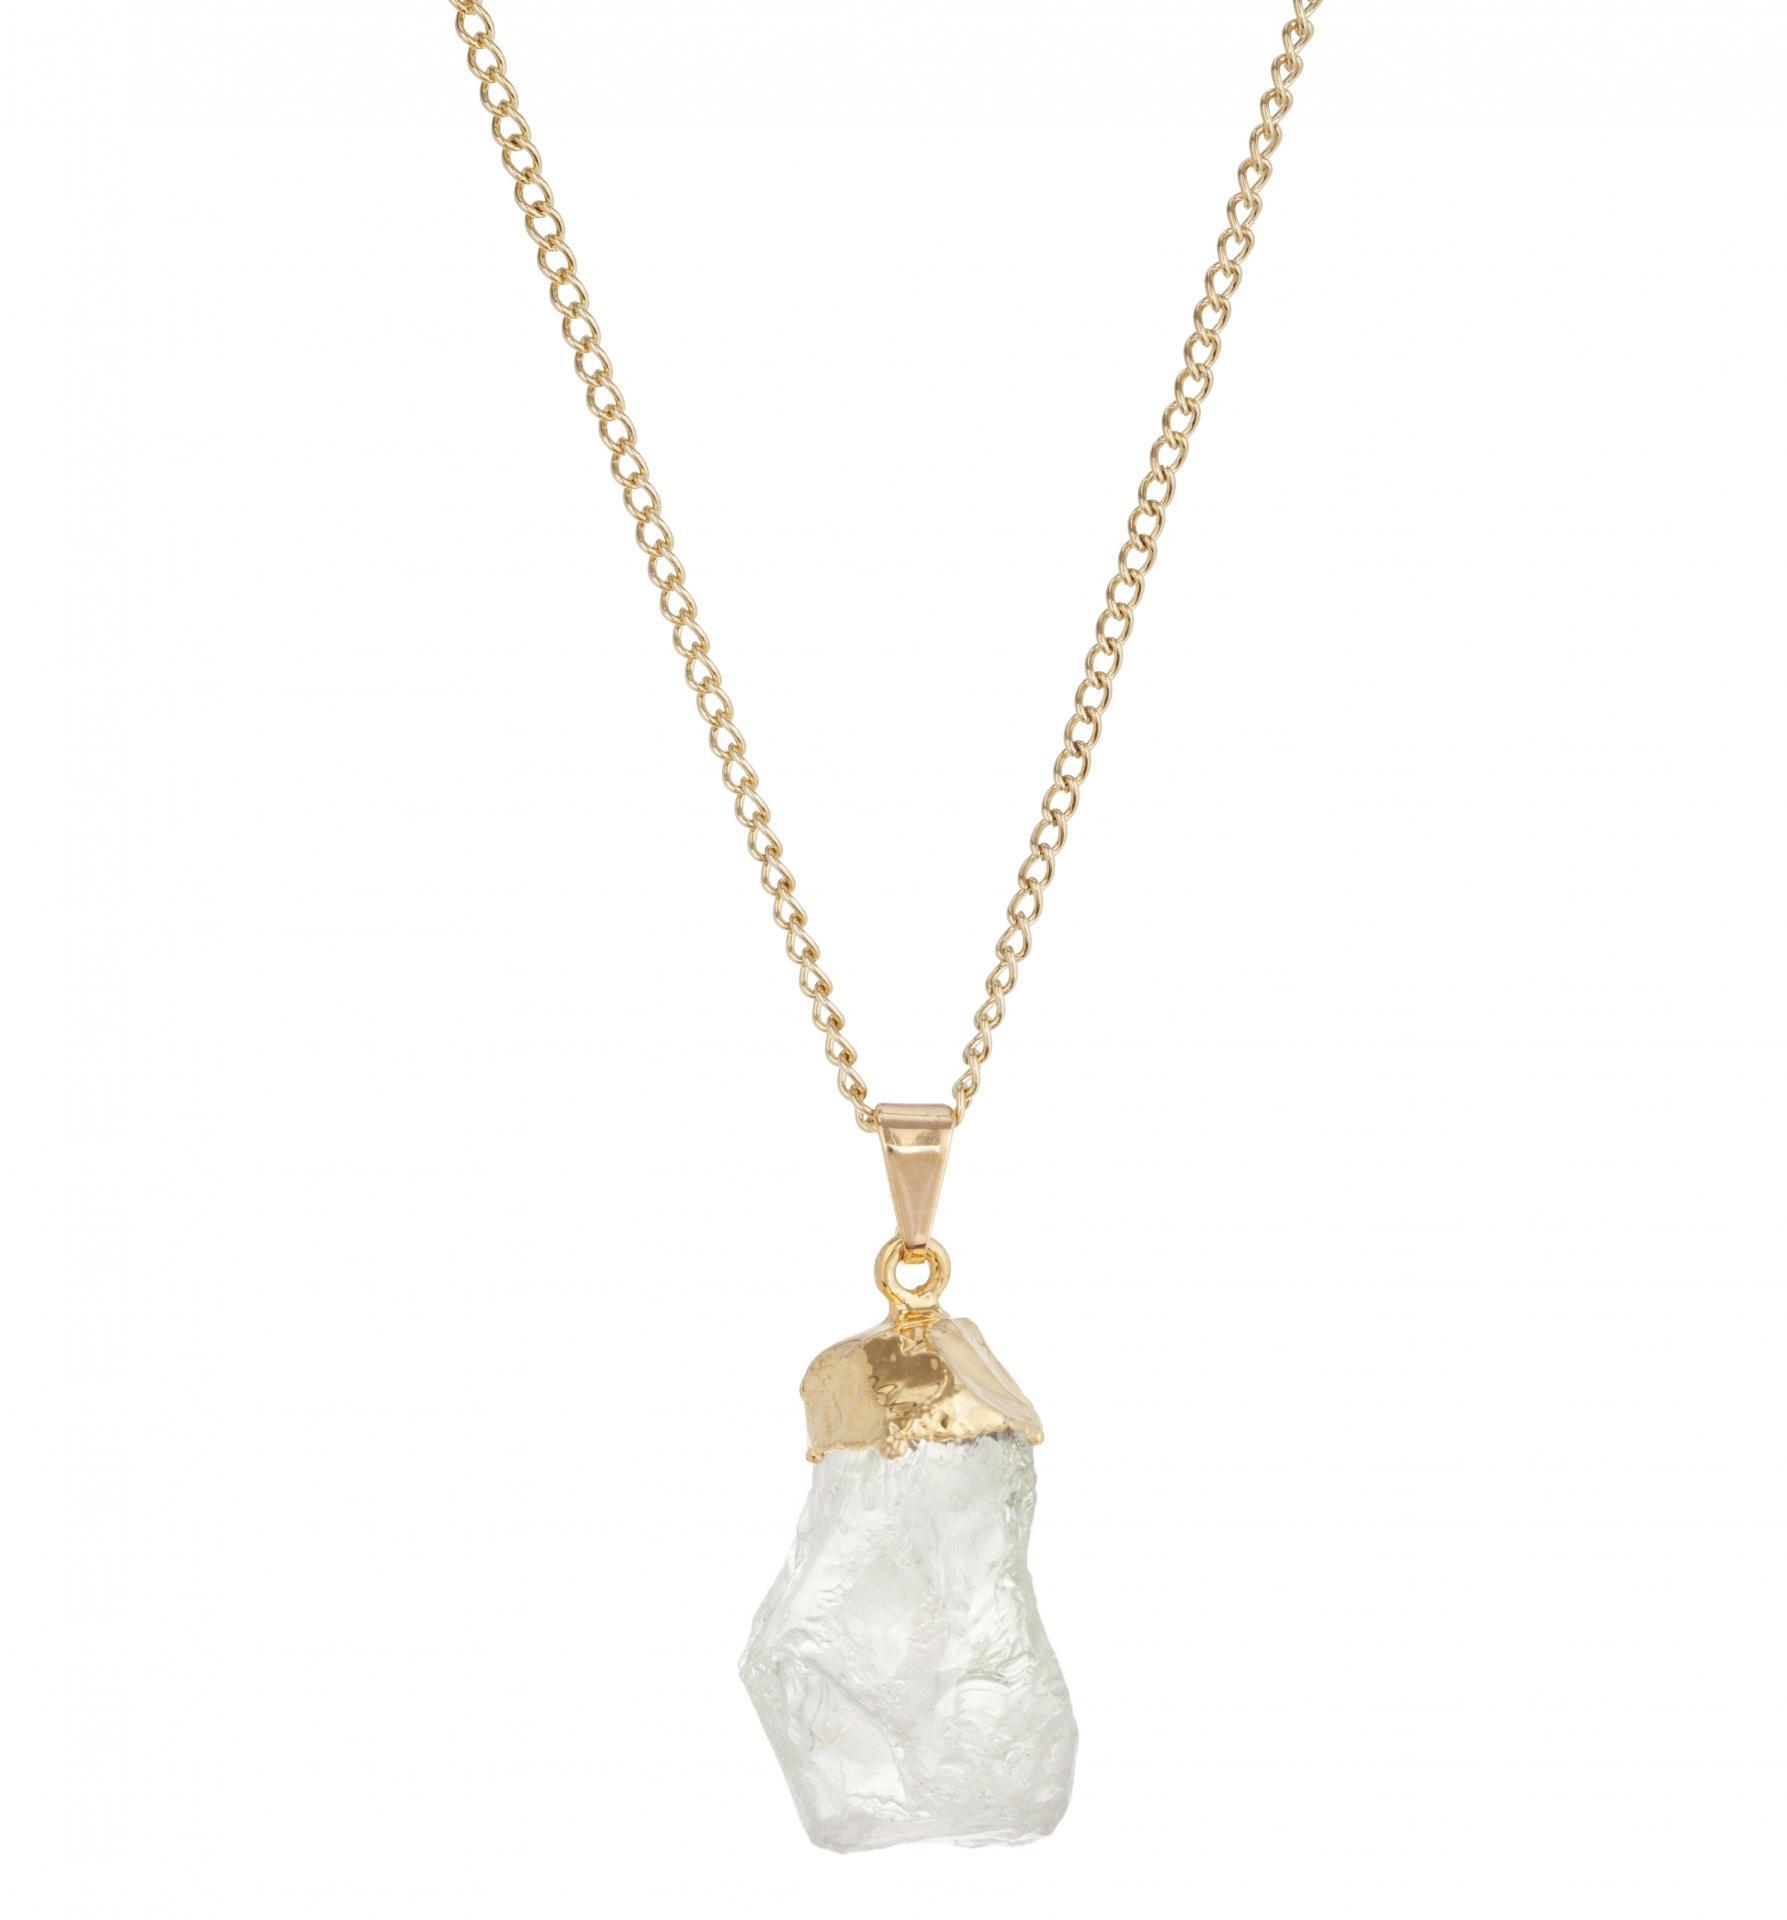 DECADORN Řetízek s přívěskem Clear Quartz/Gold, zlatá barva, čirá barva, kov, kámen